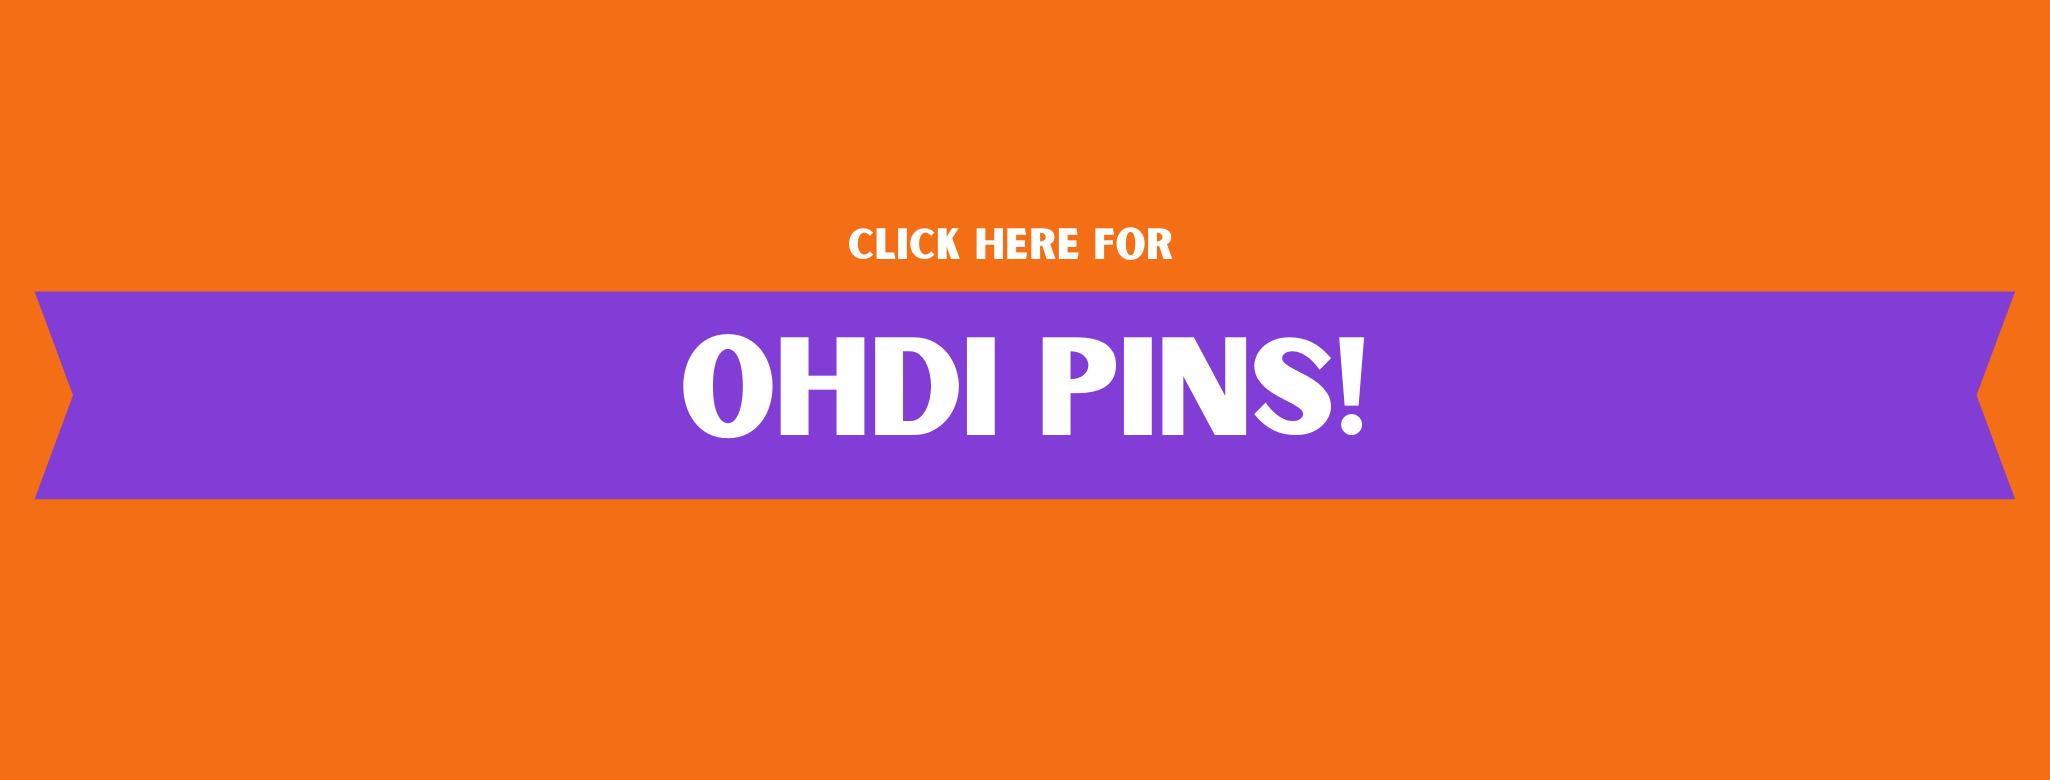 OHDIPins2